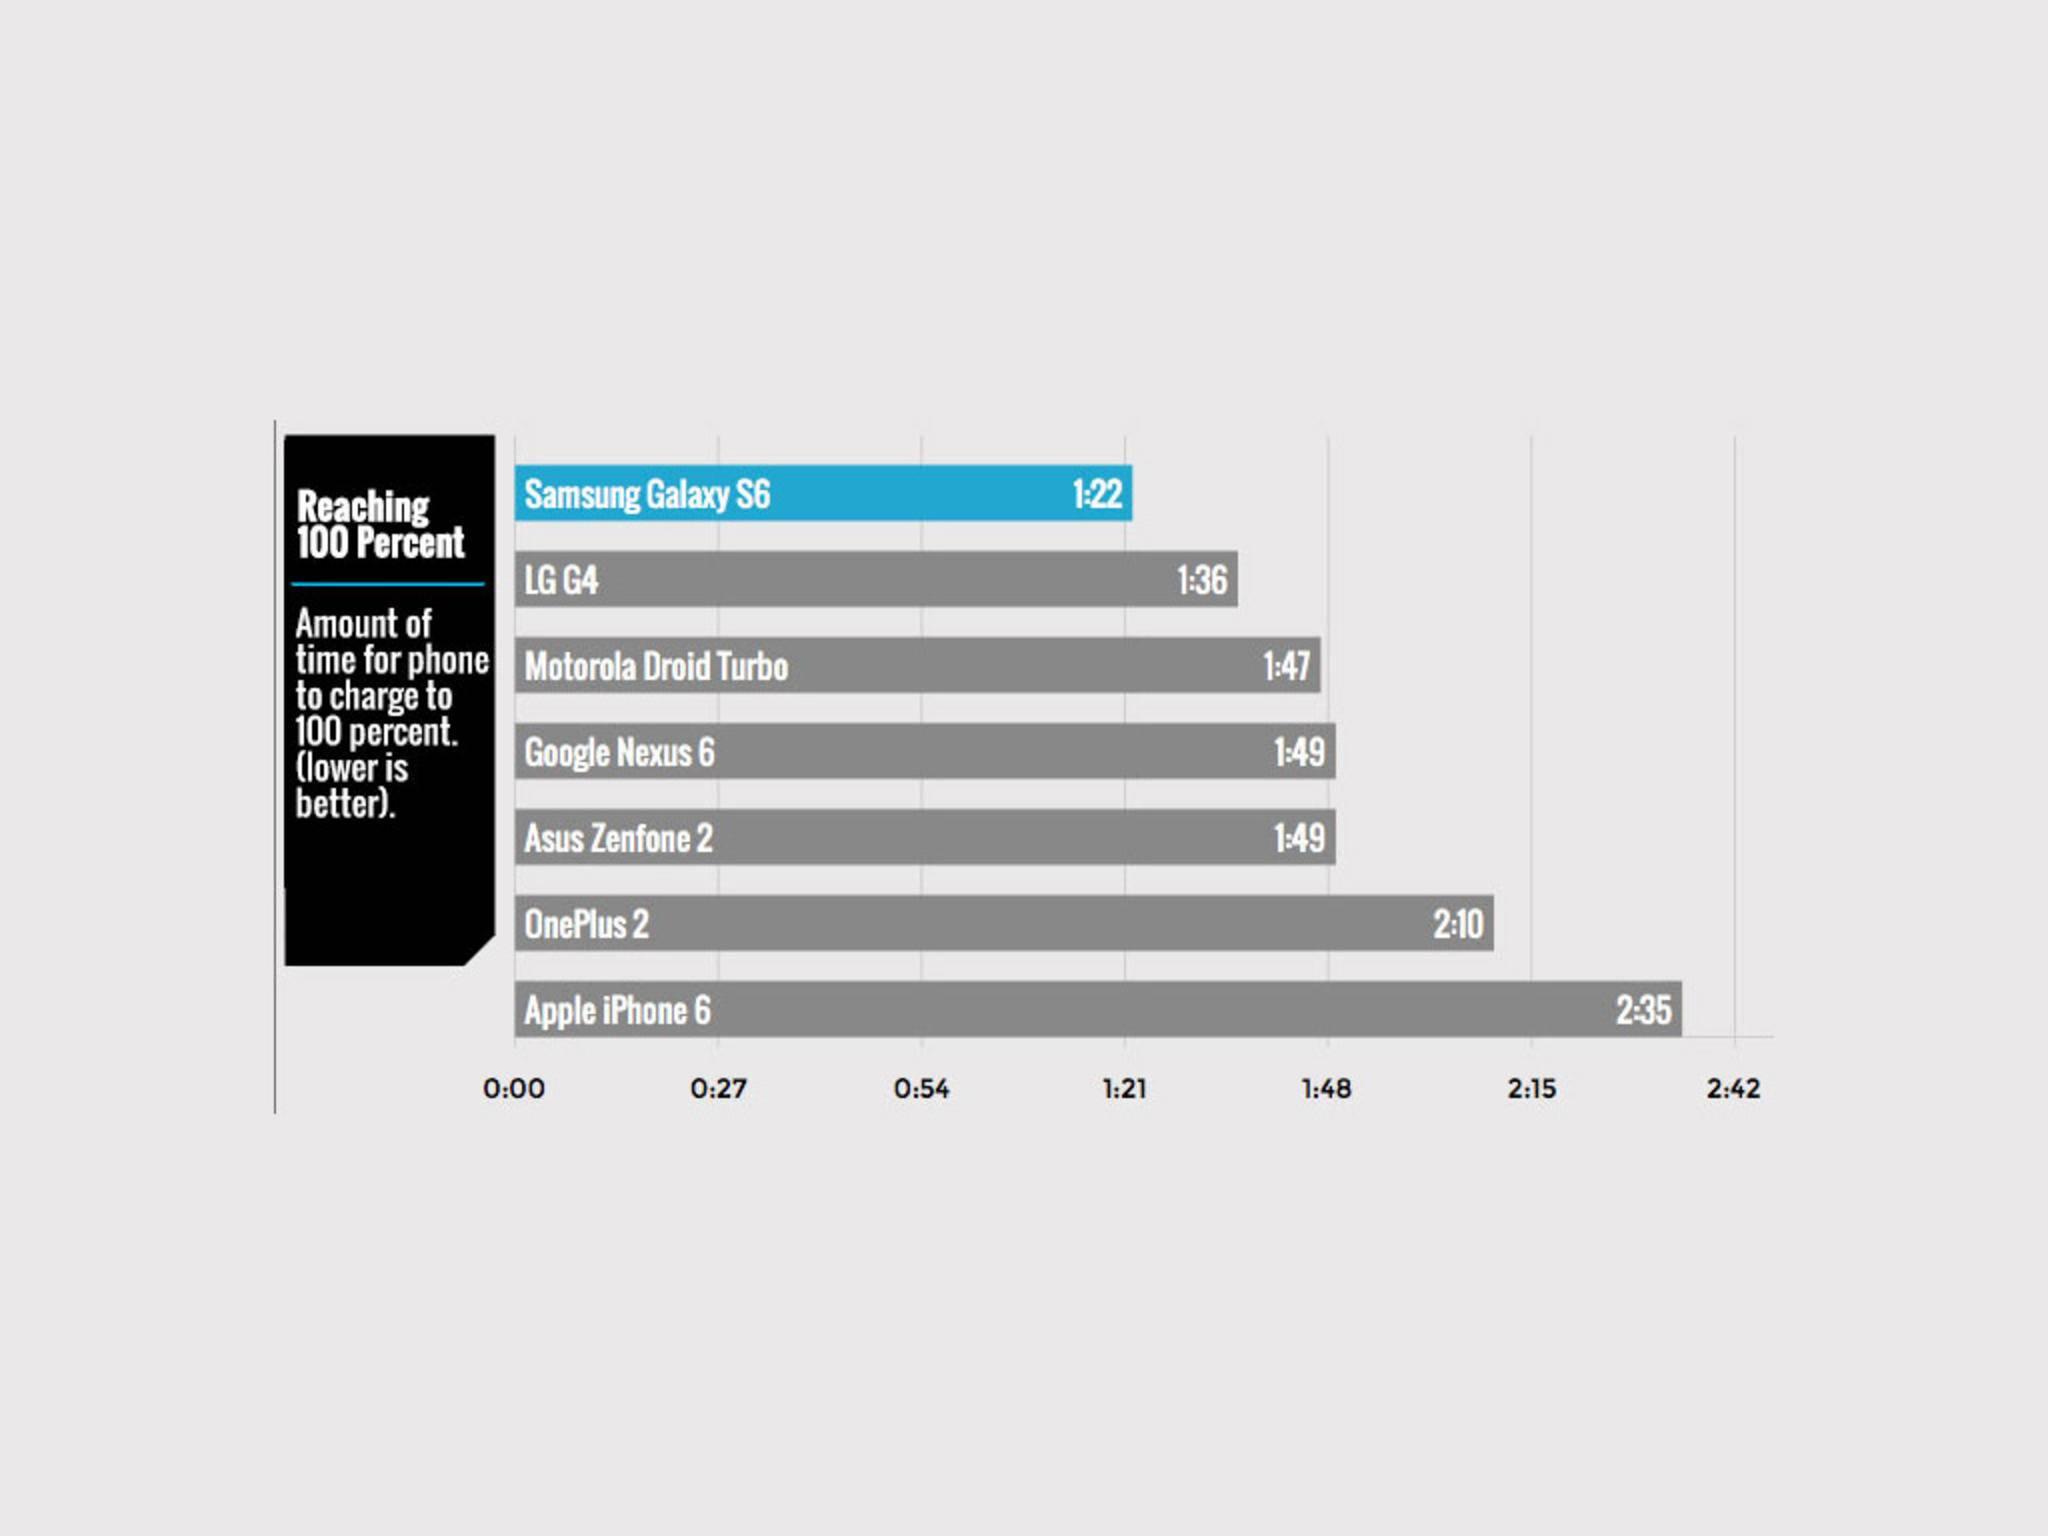 Der Sieger Galaxy S6 war bereits nach einer Stunde und 22 Minuten aufgeladen.